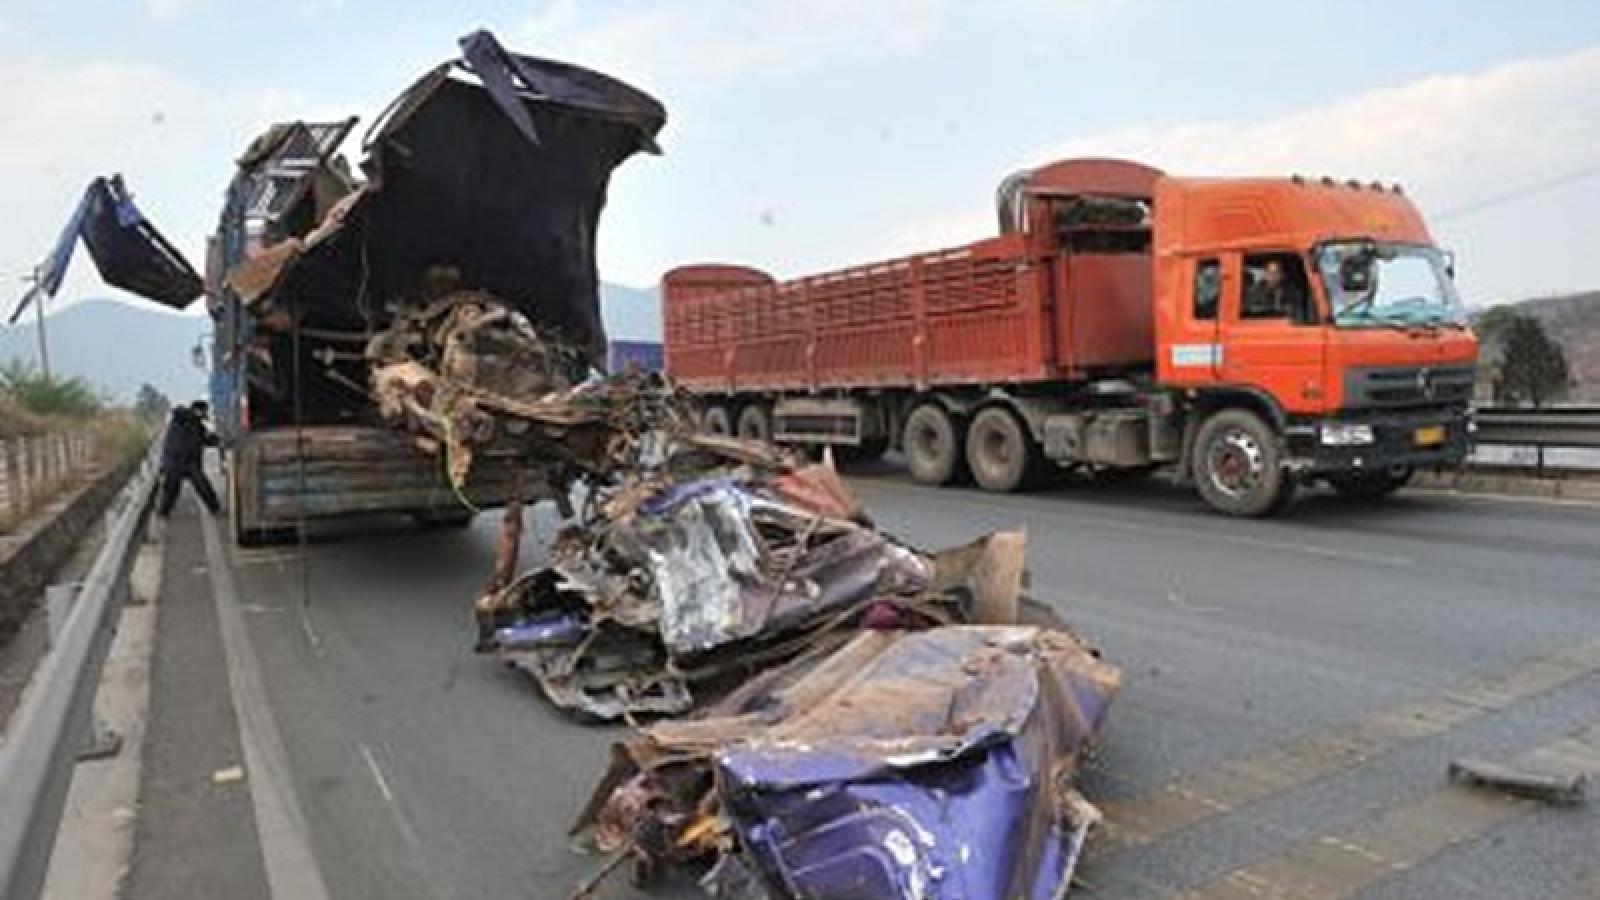 Tai nạn xe công nông và xe đầu kéo cùng chiều ở Trung Quốc khiến 15 người chết